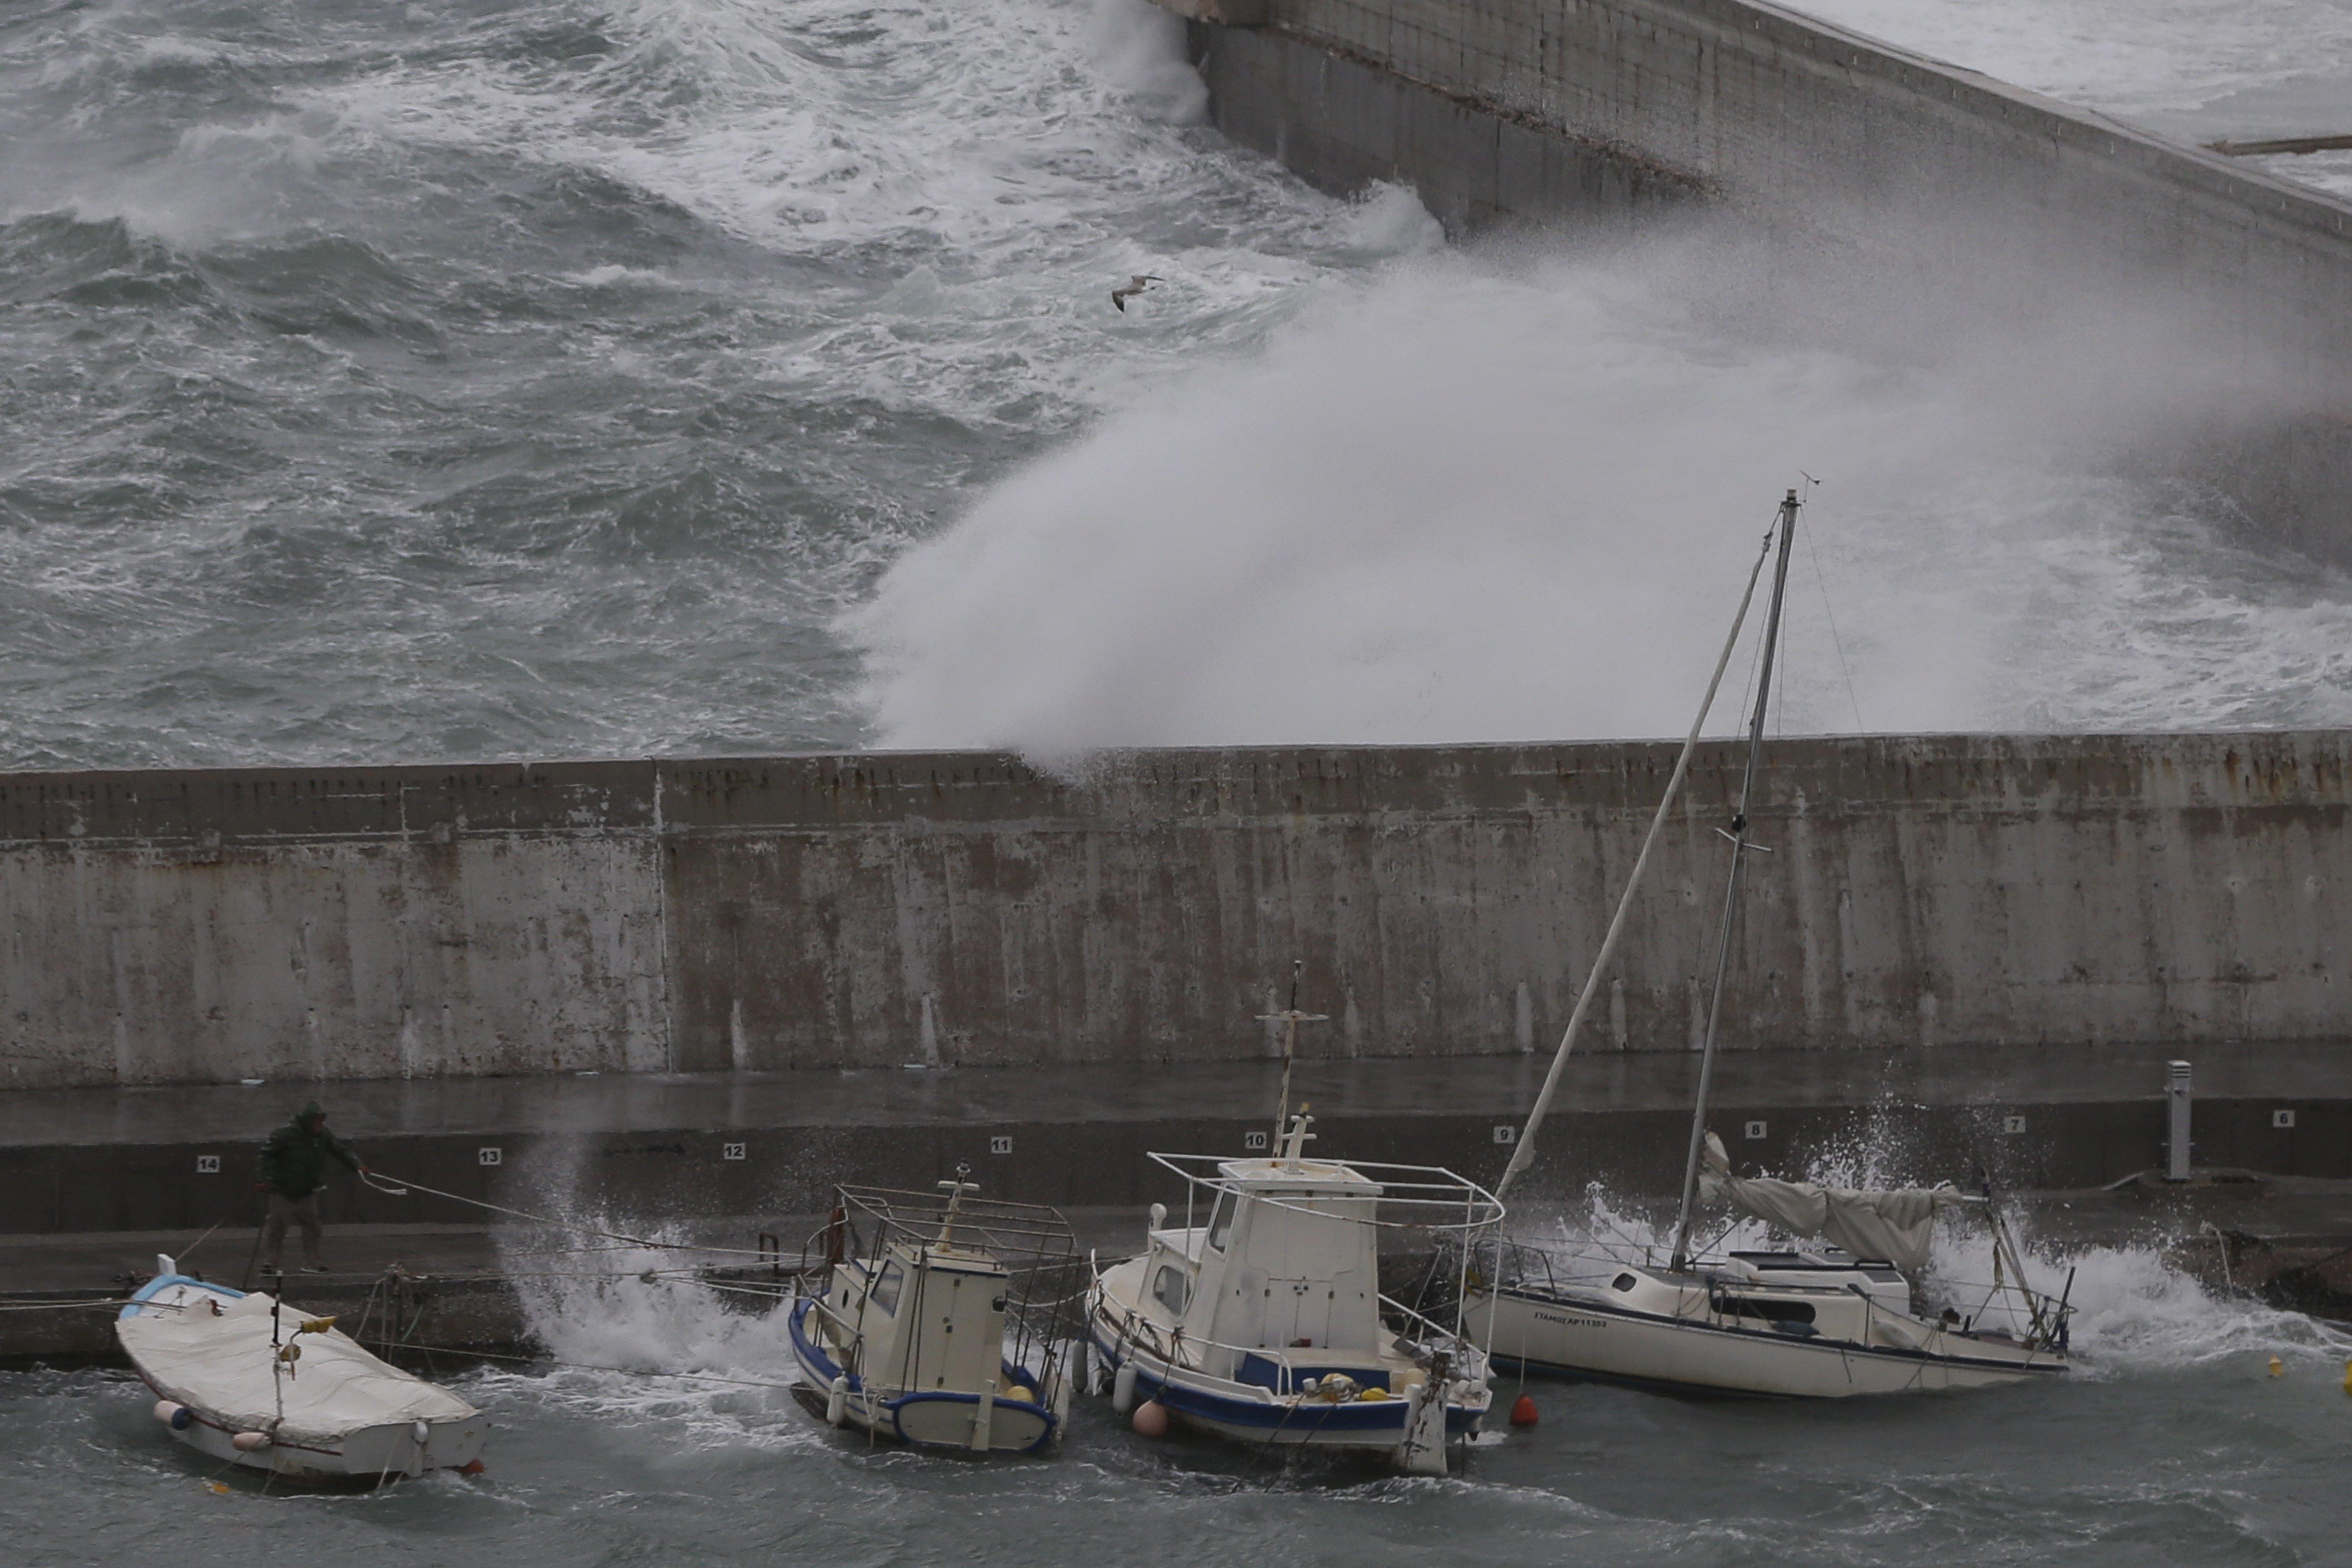 Εκτακτο δελτίο επιδείνωσης καιρού: Έρχονται καταιγίδες, χαλαζοπτώσεις και ισχυροί